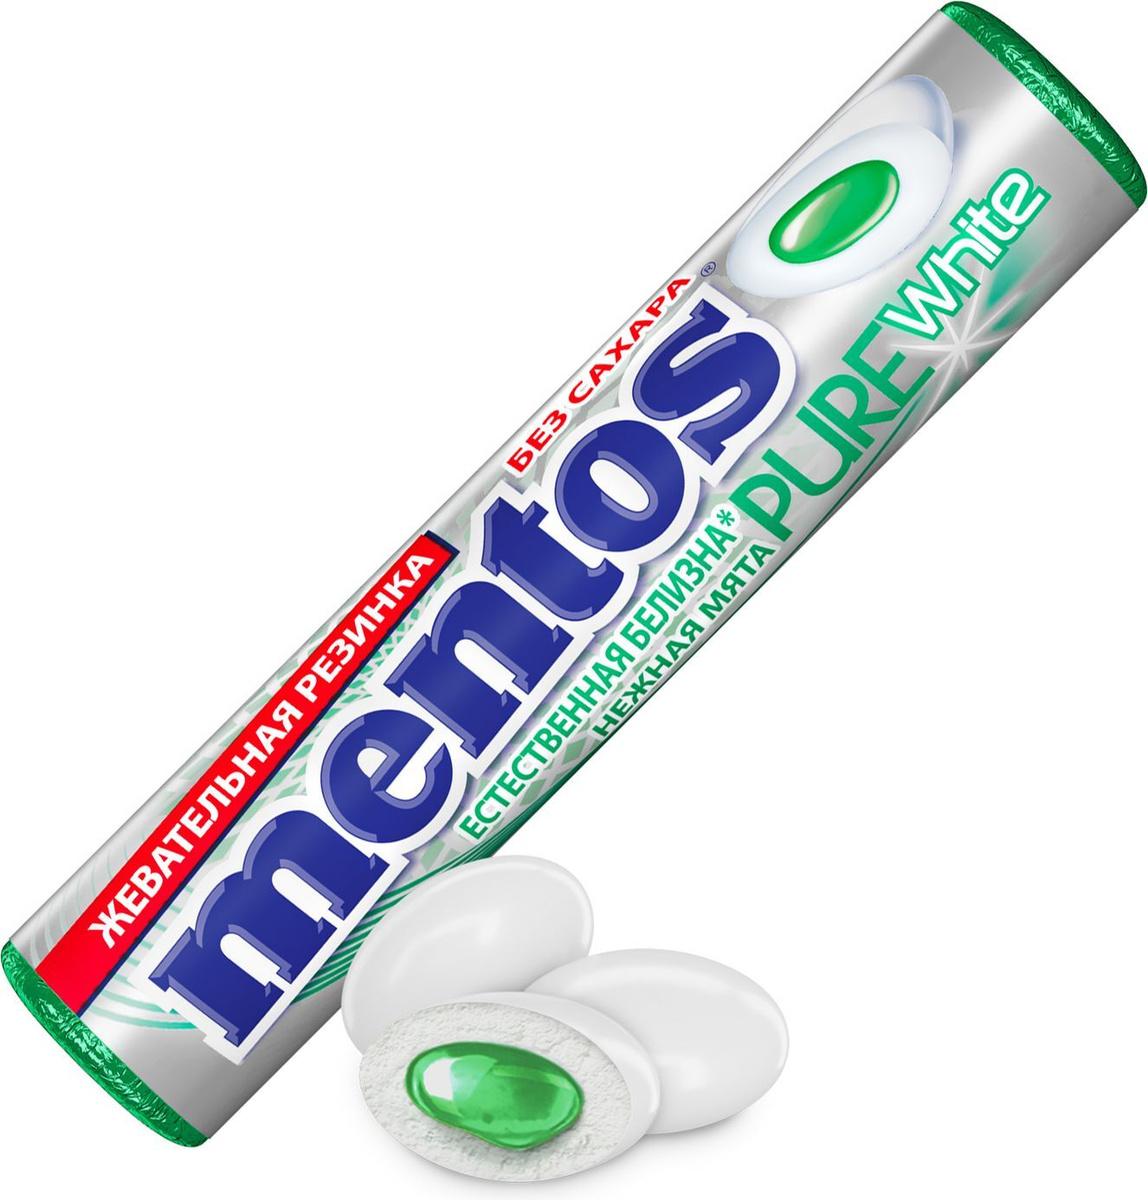 Жевательная резинка Mentos Pure White Нежная мята, 15,5 г #1